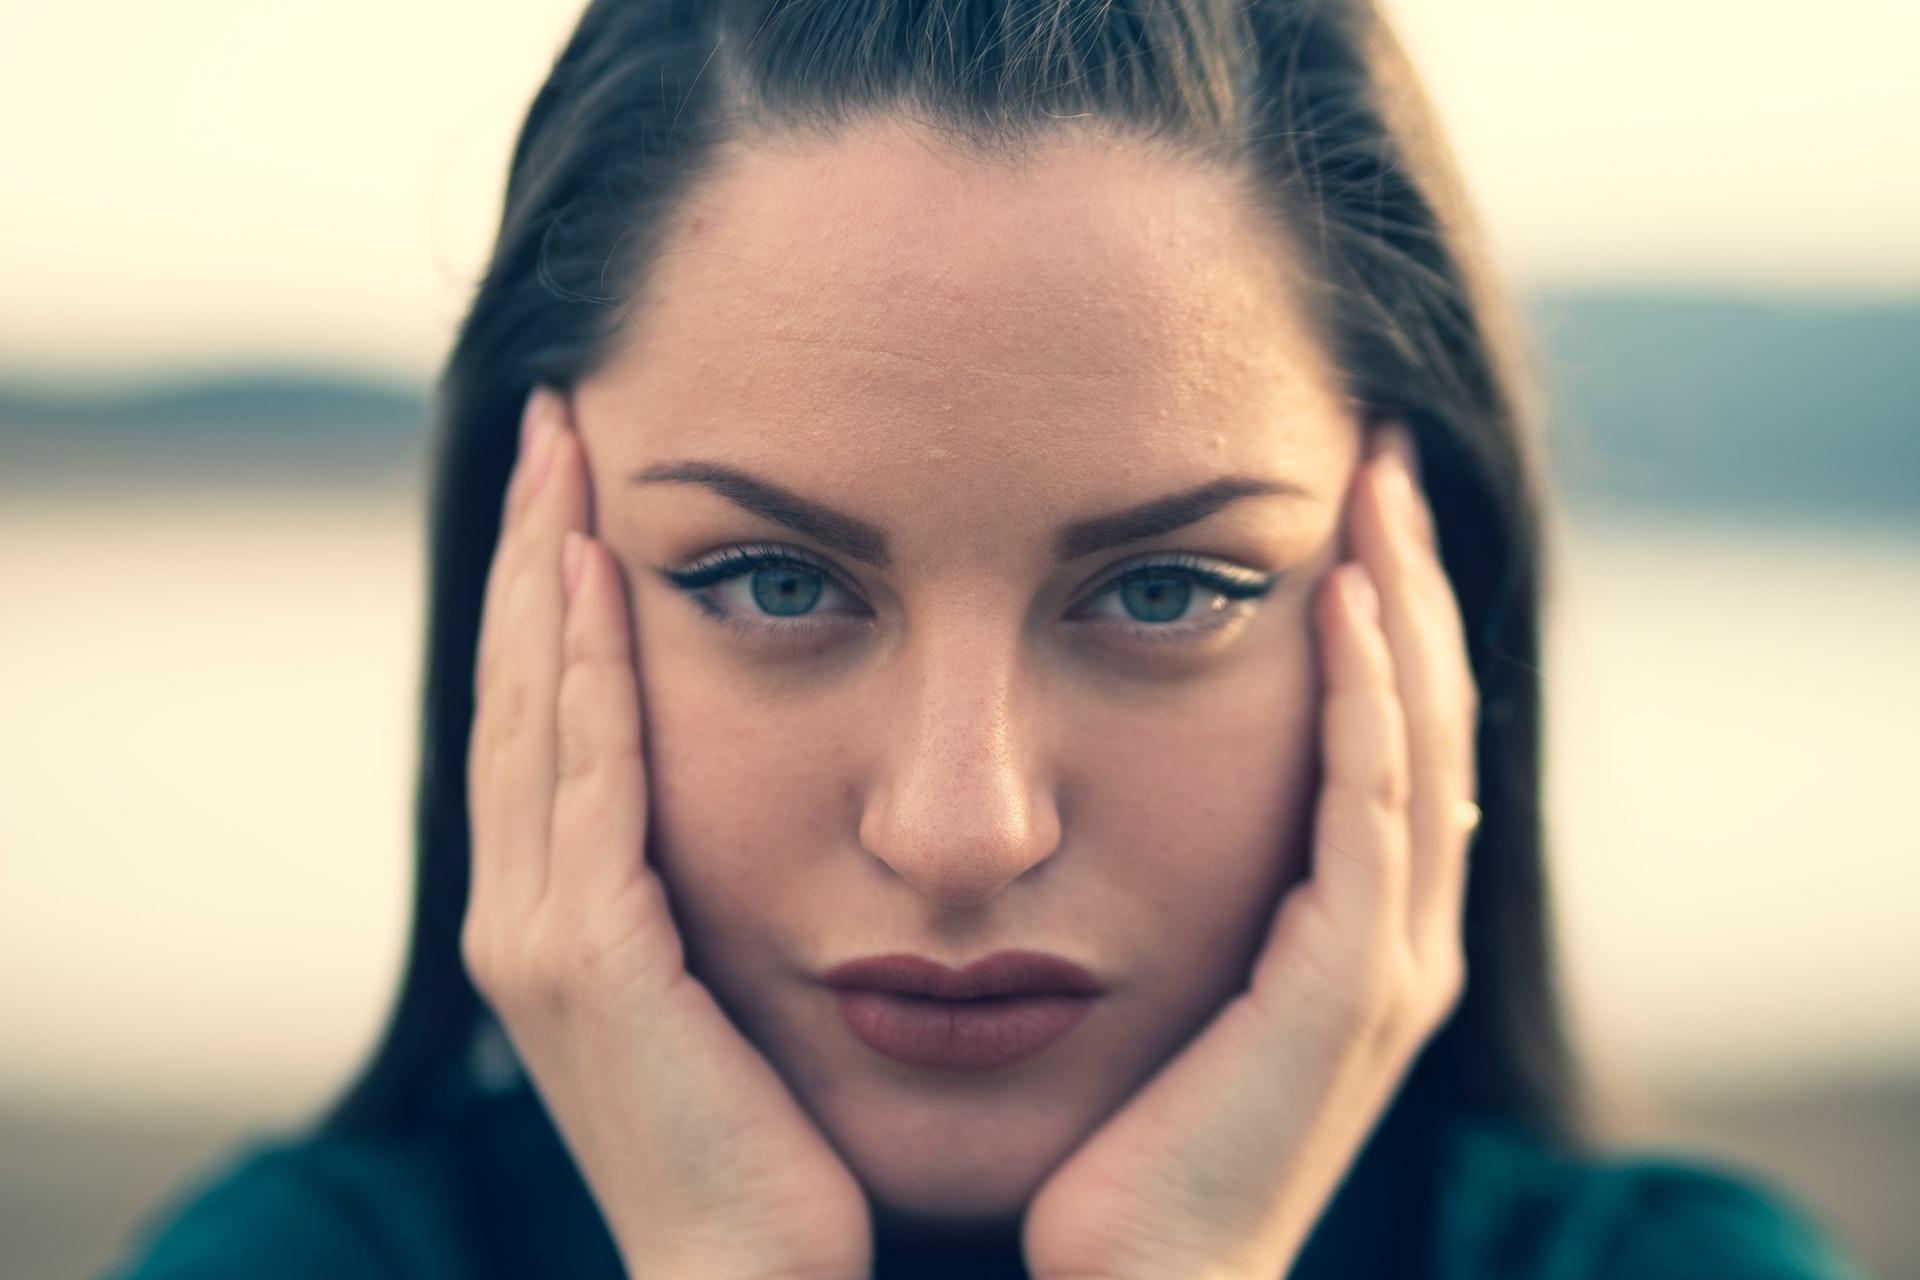 Что может вызвать боль в висках